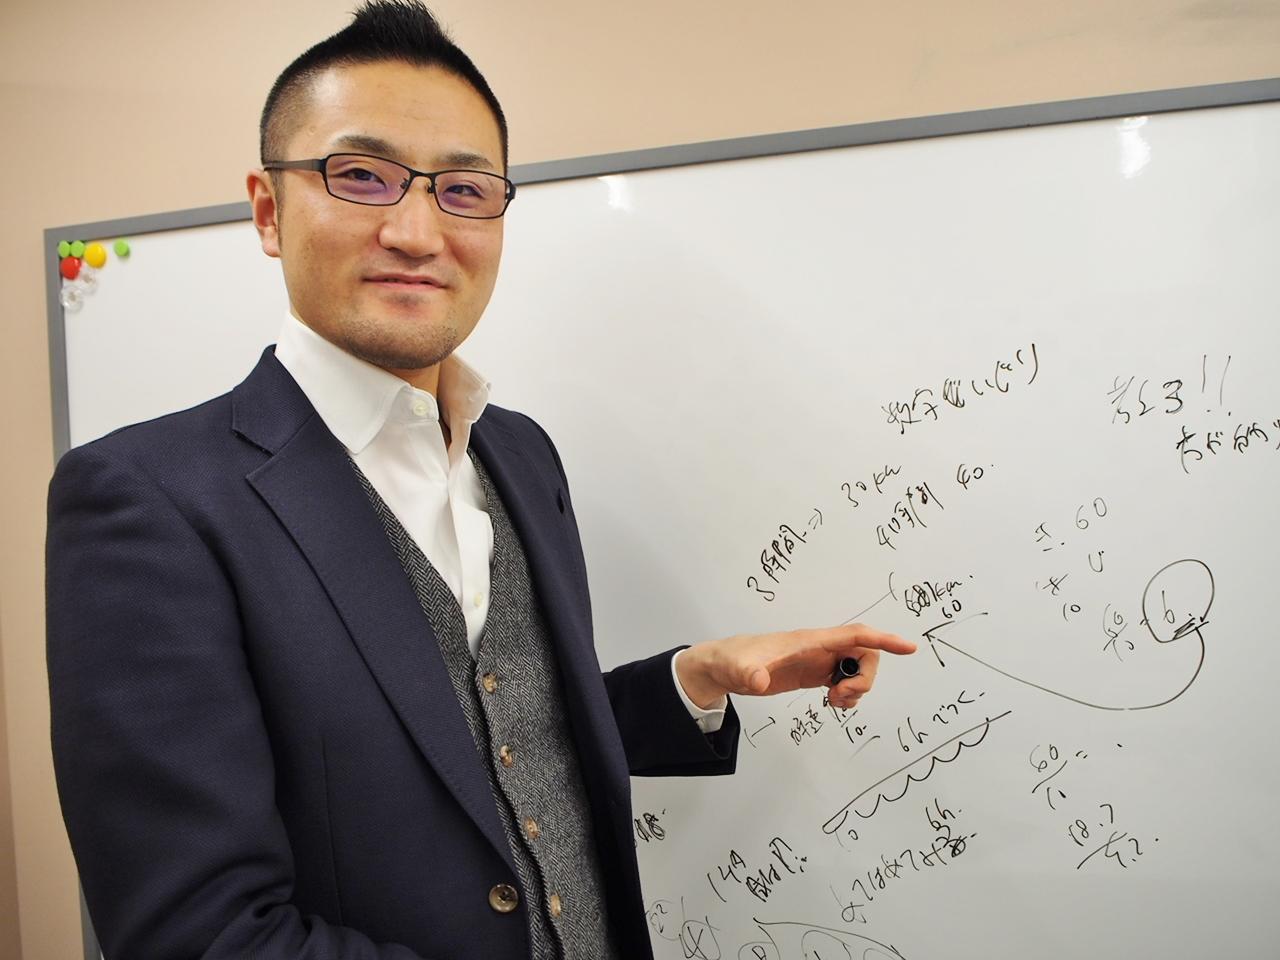 数学を勉強する意味って? 「ロマンティック数学ナイト」主宰・堀口智之さんインタビュー